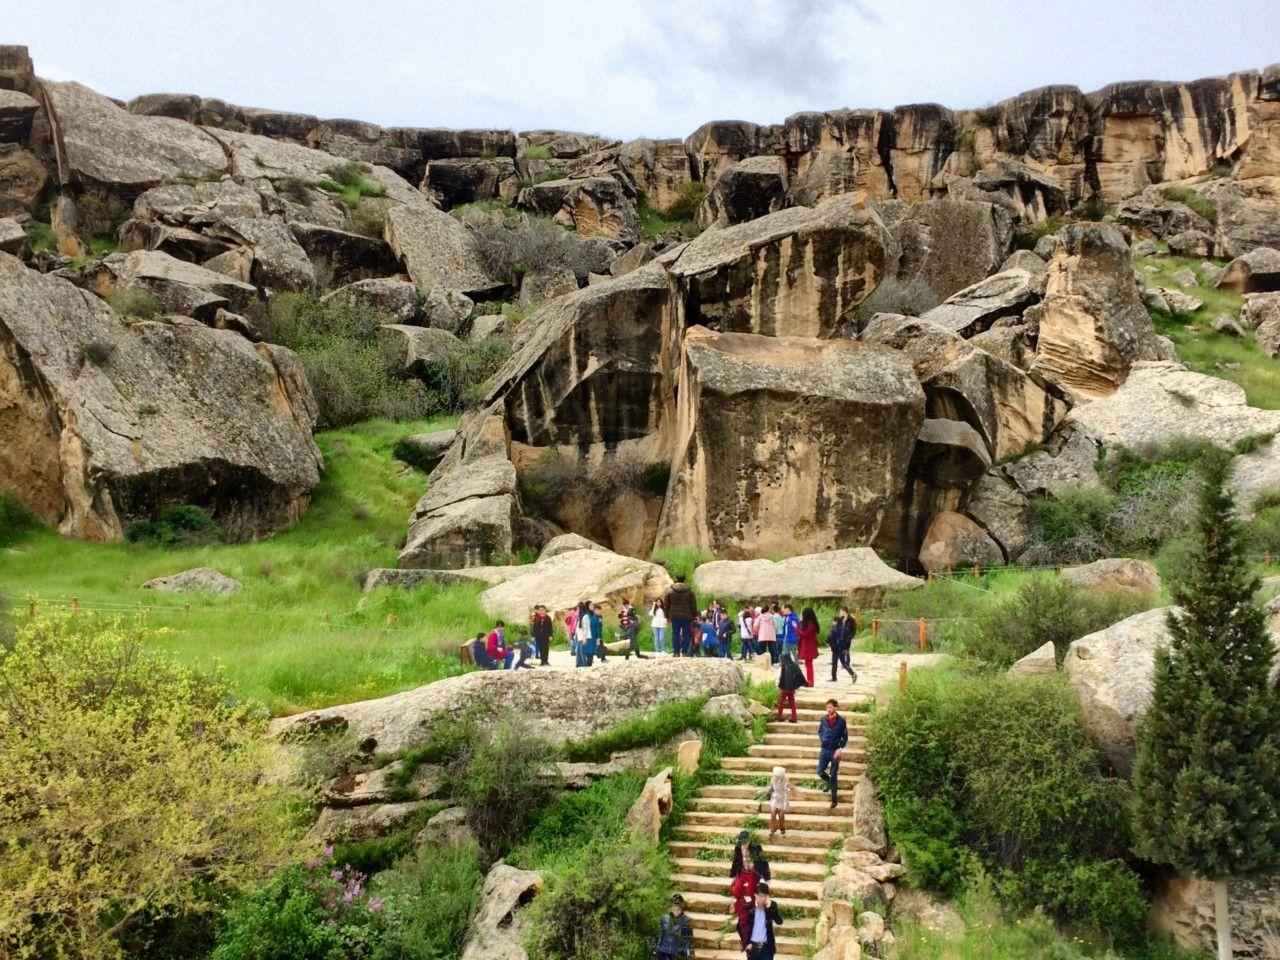 Gobustan Preserve Azerbaijan محمية قوبوستان أذربيجان Qobustan Group Tours Tours Places To Visit